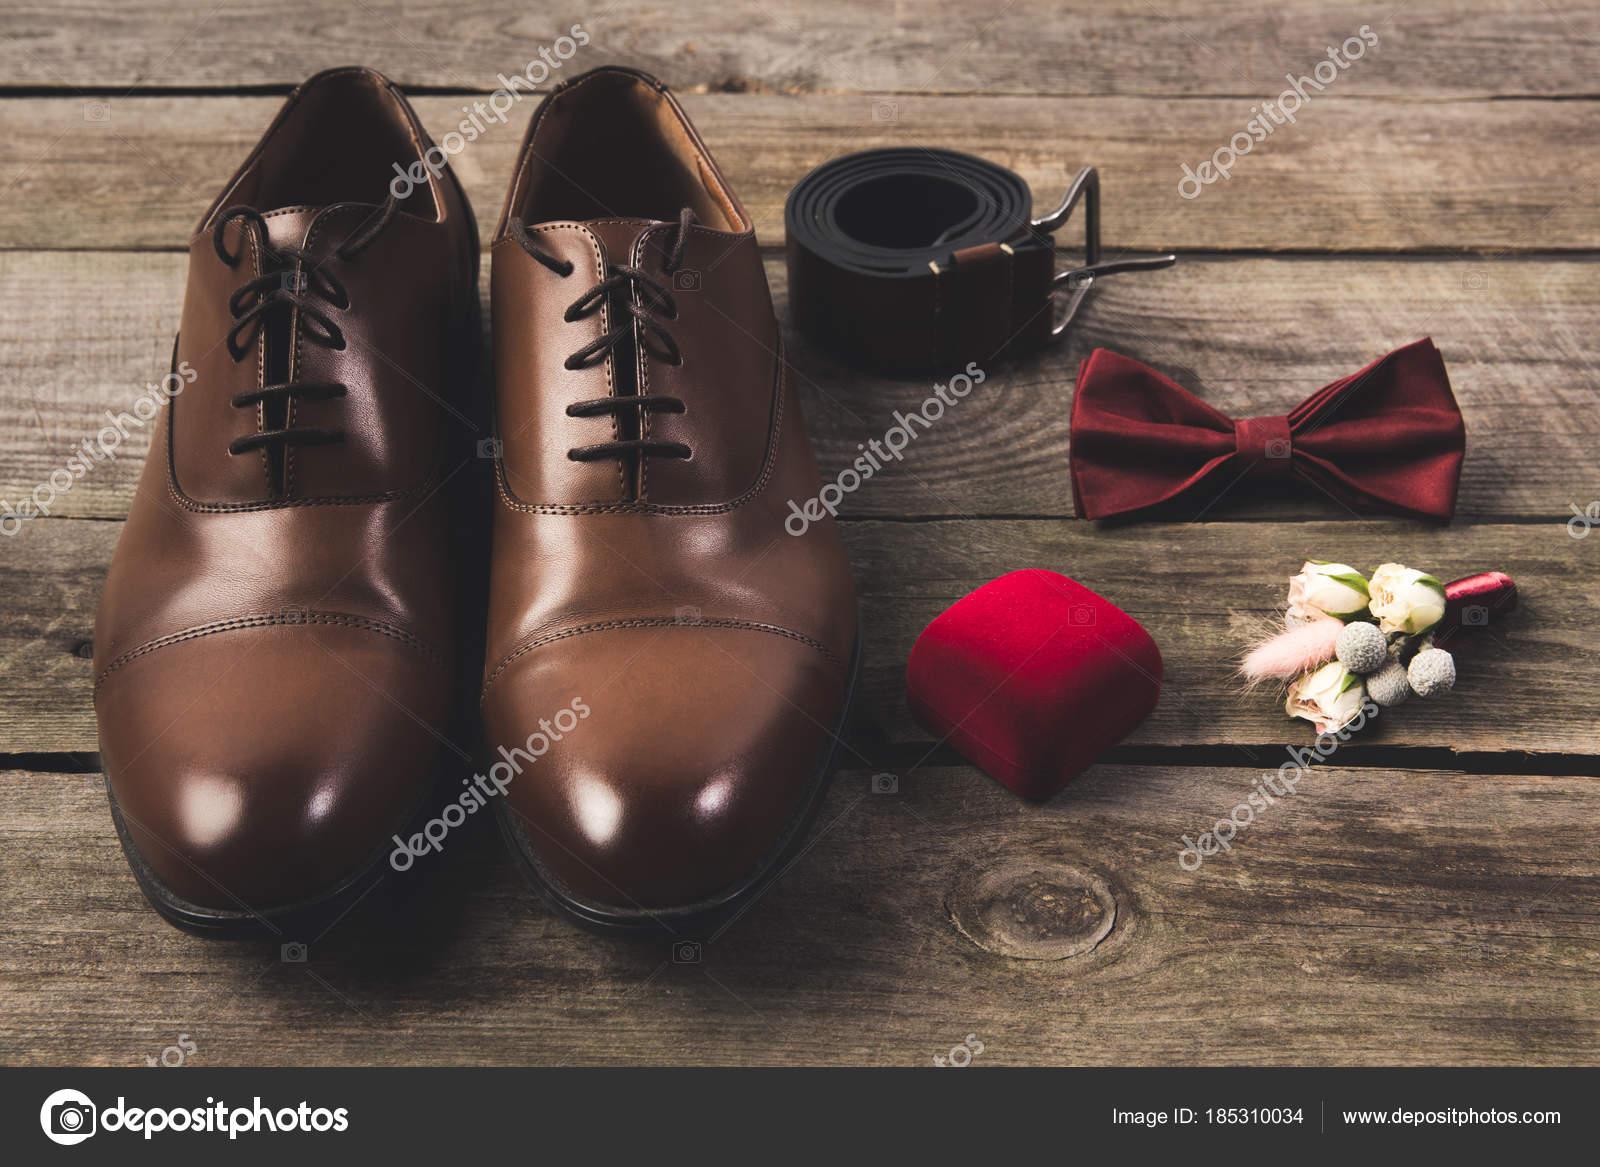 110acd7137 Nahaufnahme Der Angeordneten Bräutigam Schuhe Und Accessoires Auf  Holzuntergrund — Stockfoto